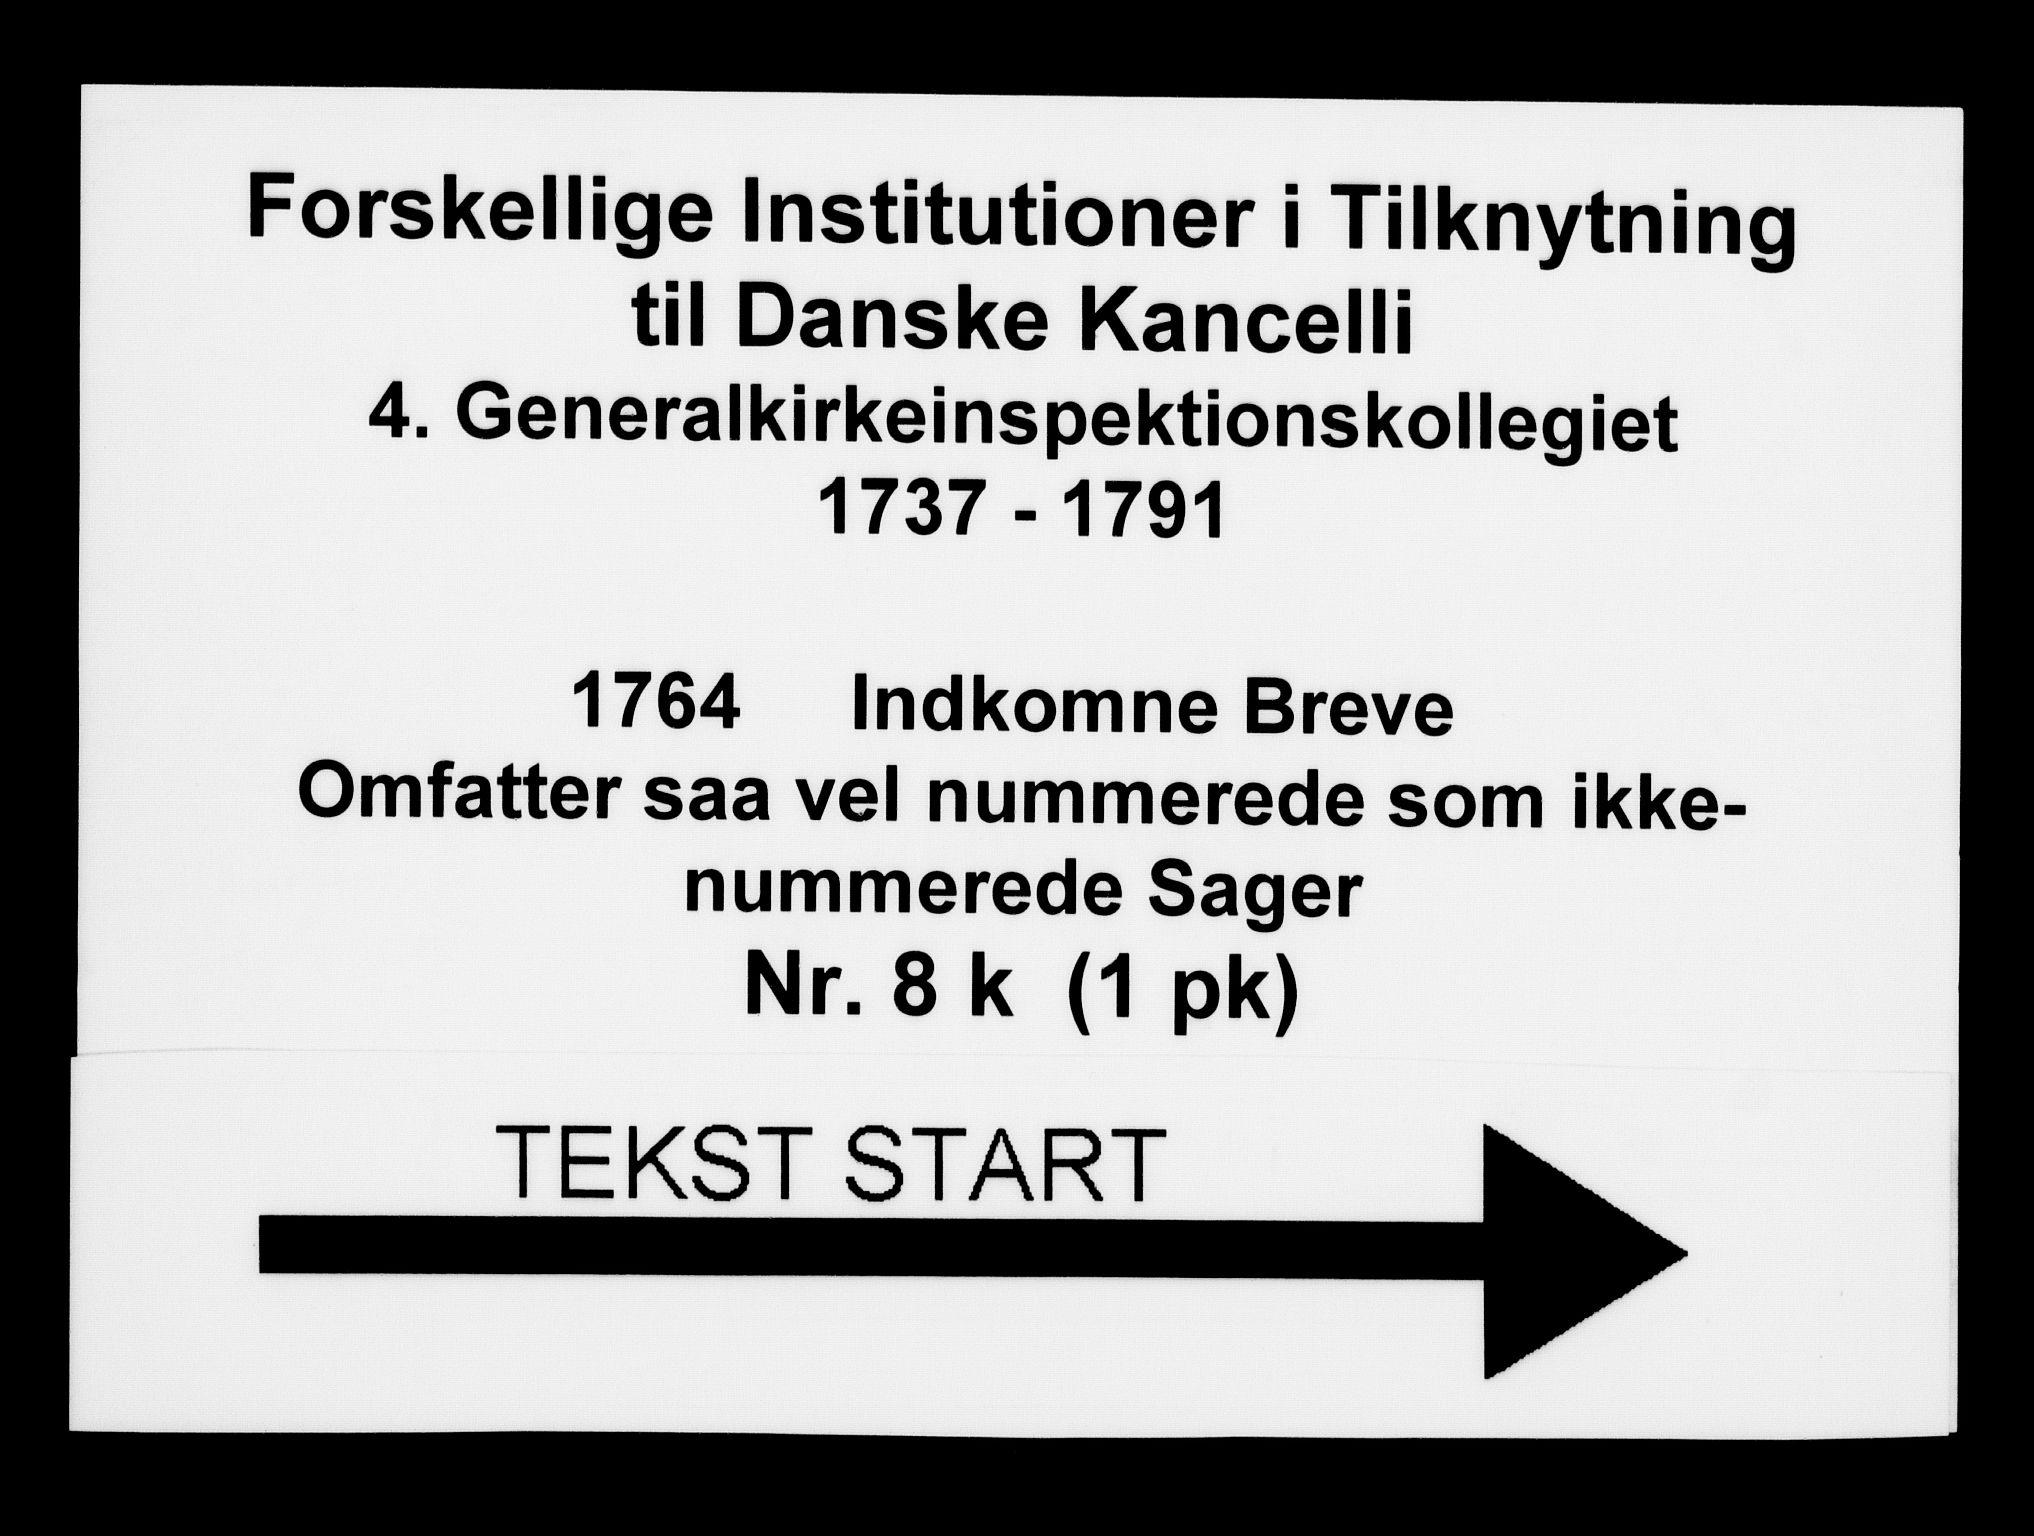 DRA, Generalkirkeinspektionskollegiet, F4-08/F4-08-11: Indkomne sager, 1764